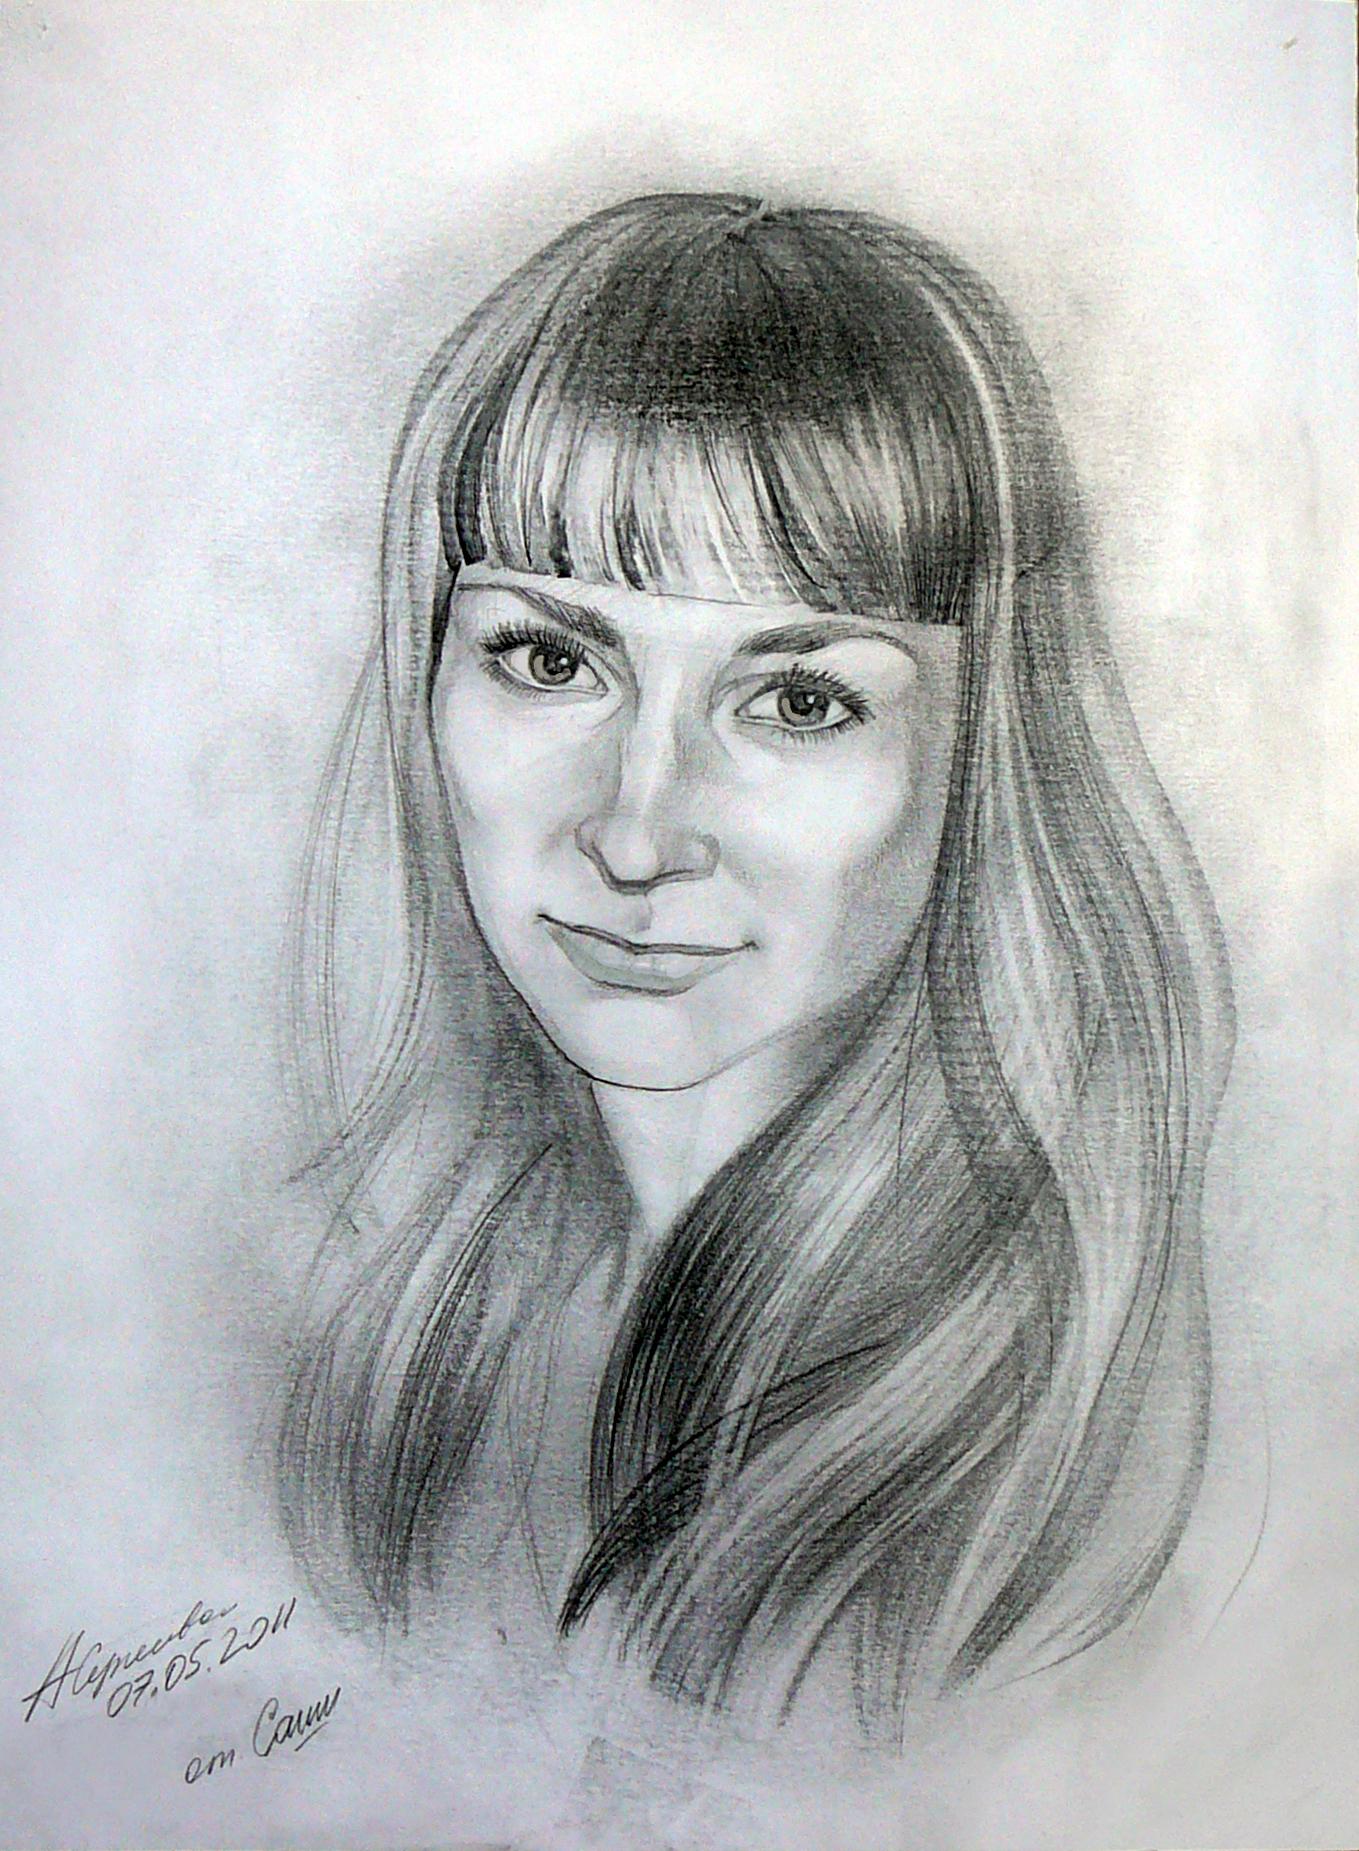 портрет кати, портрет девушки, портрет карандашом